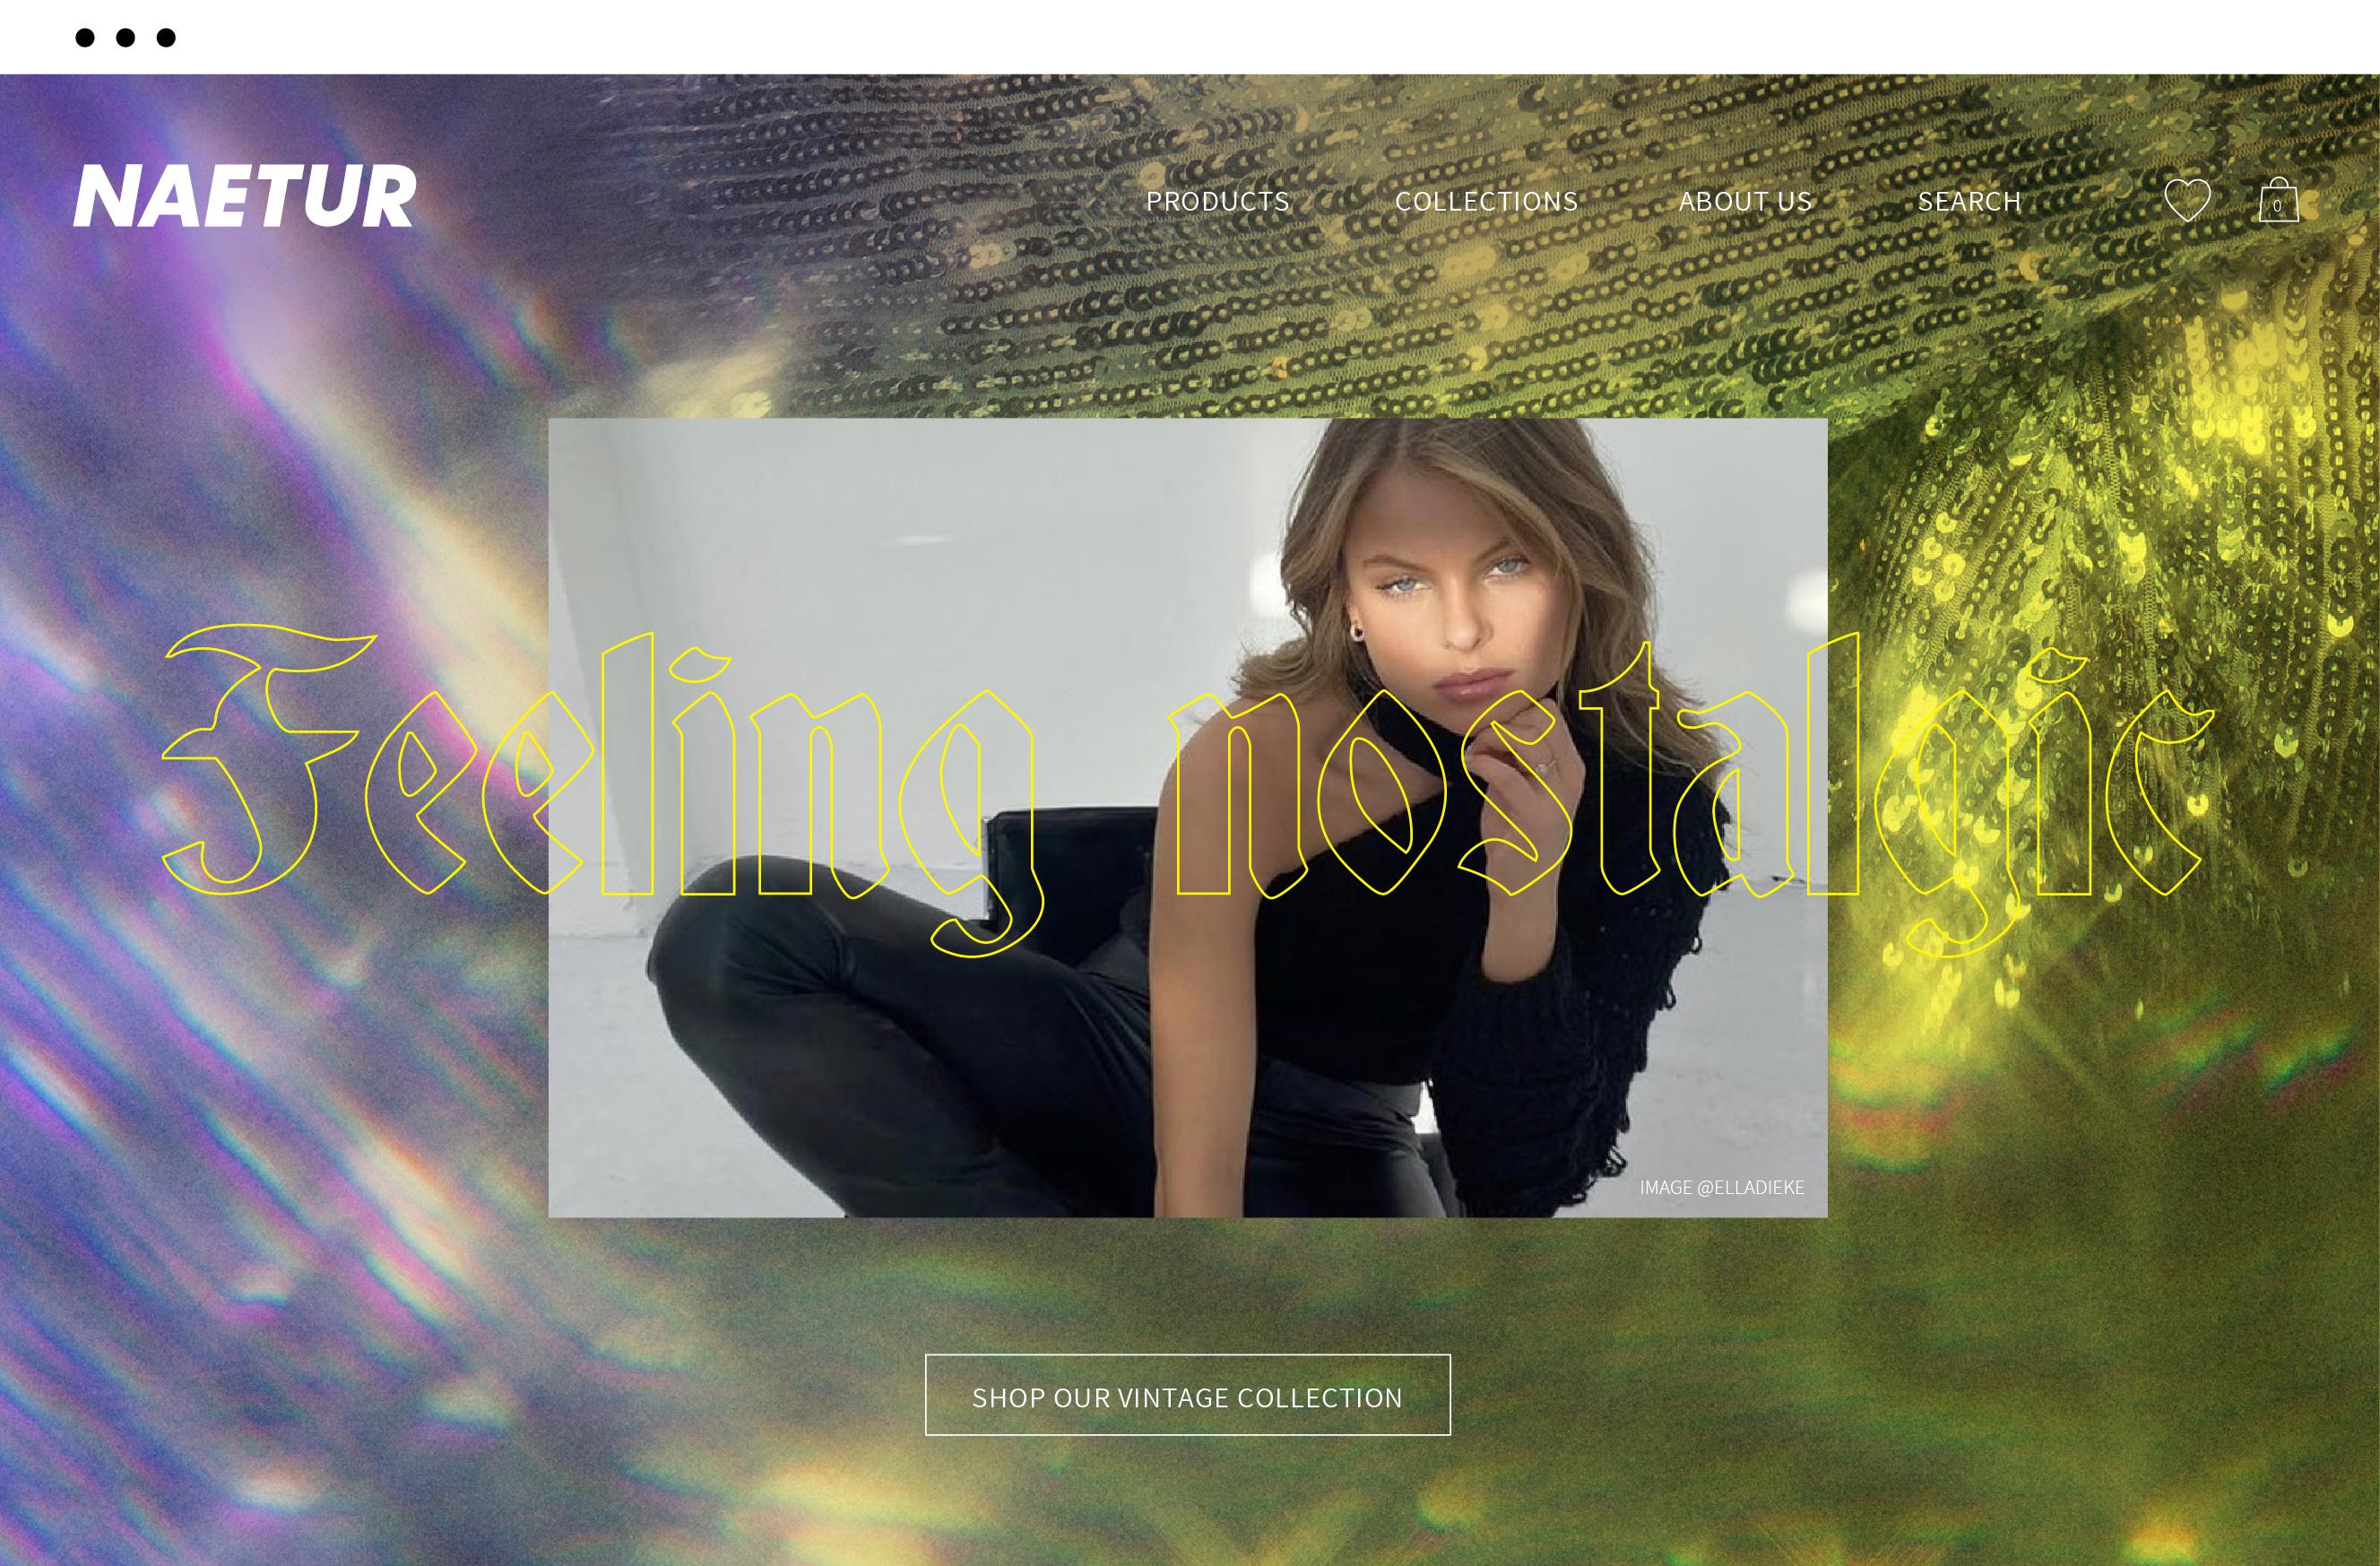 Naetur Website Design Theme Feeling Nostalgic